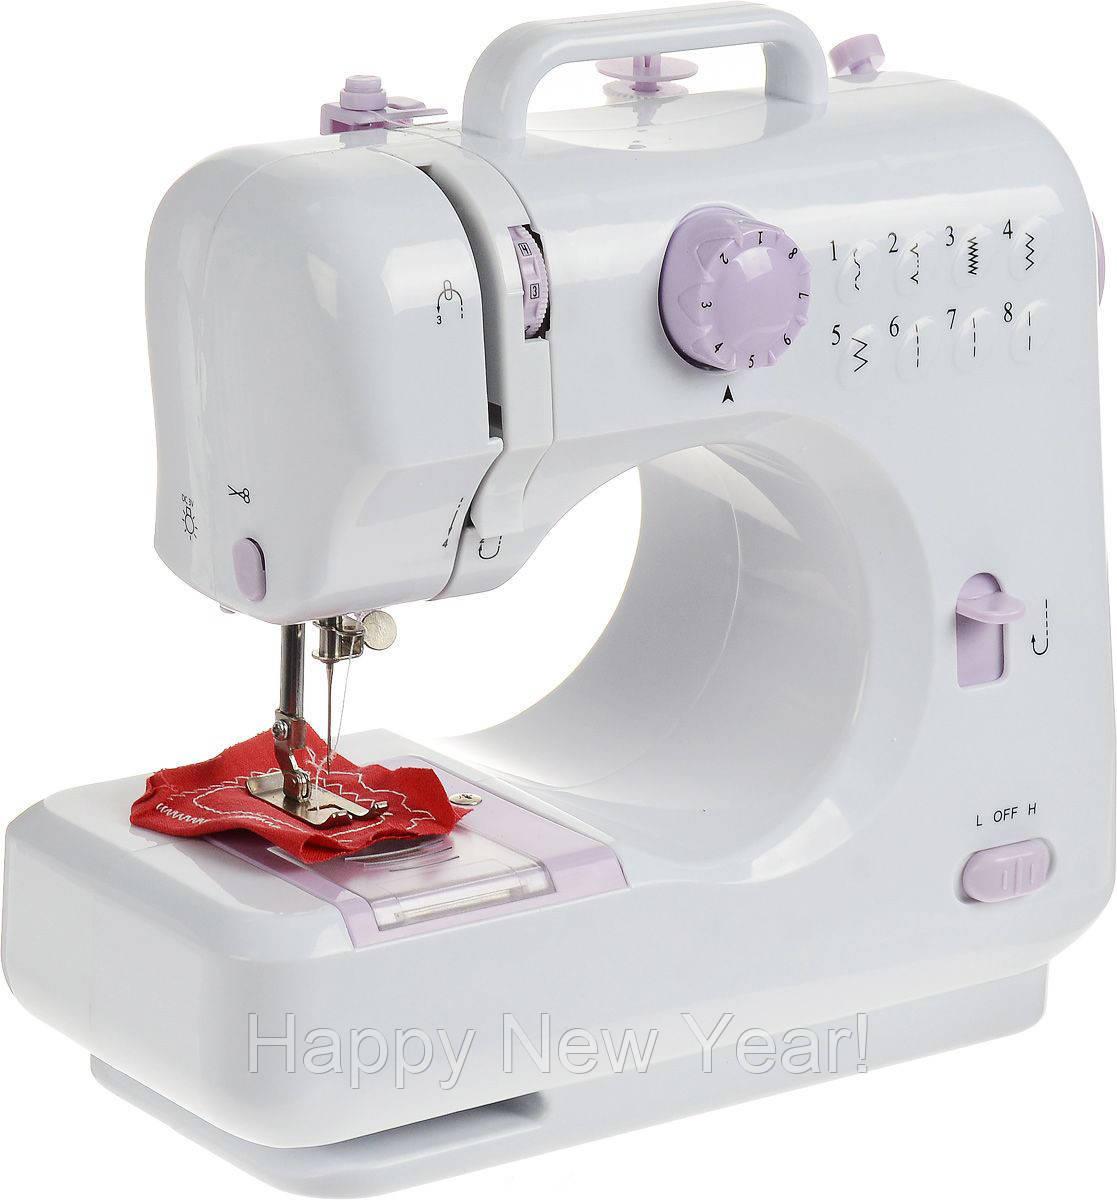 Швейная машинка Tivax FHSM-505 8в1 White